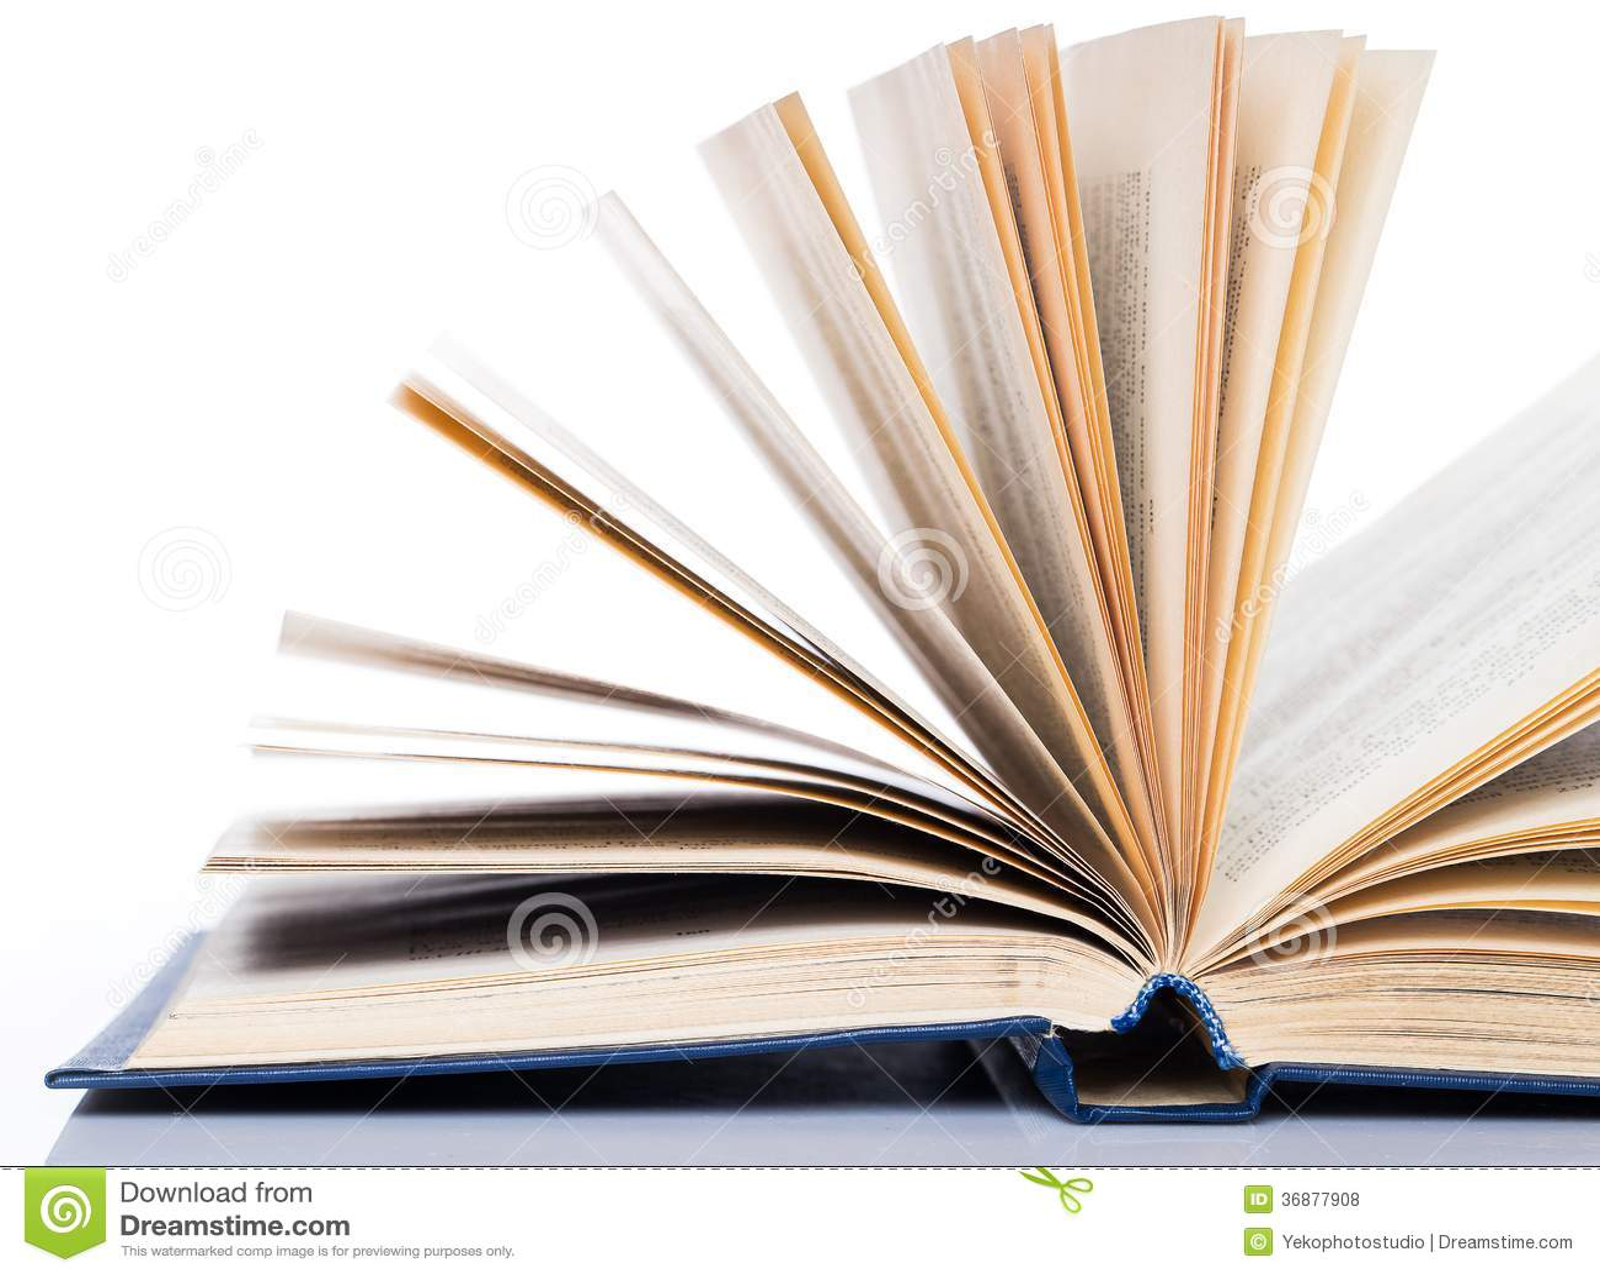 Download Istruzione, Scienza. Vecchio Libro Su Fondo Bianco Fotografia Stock - Immagine di oggetto, lettera: 36877908